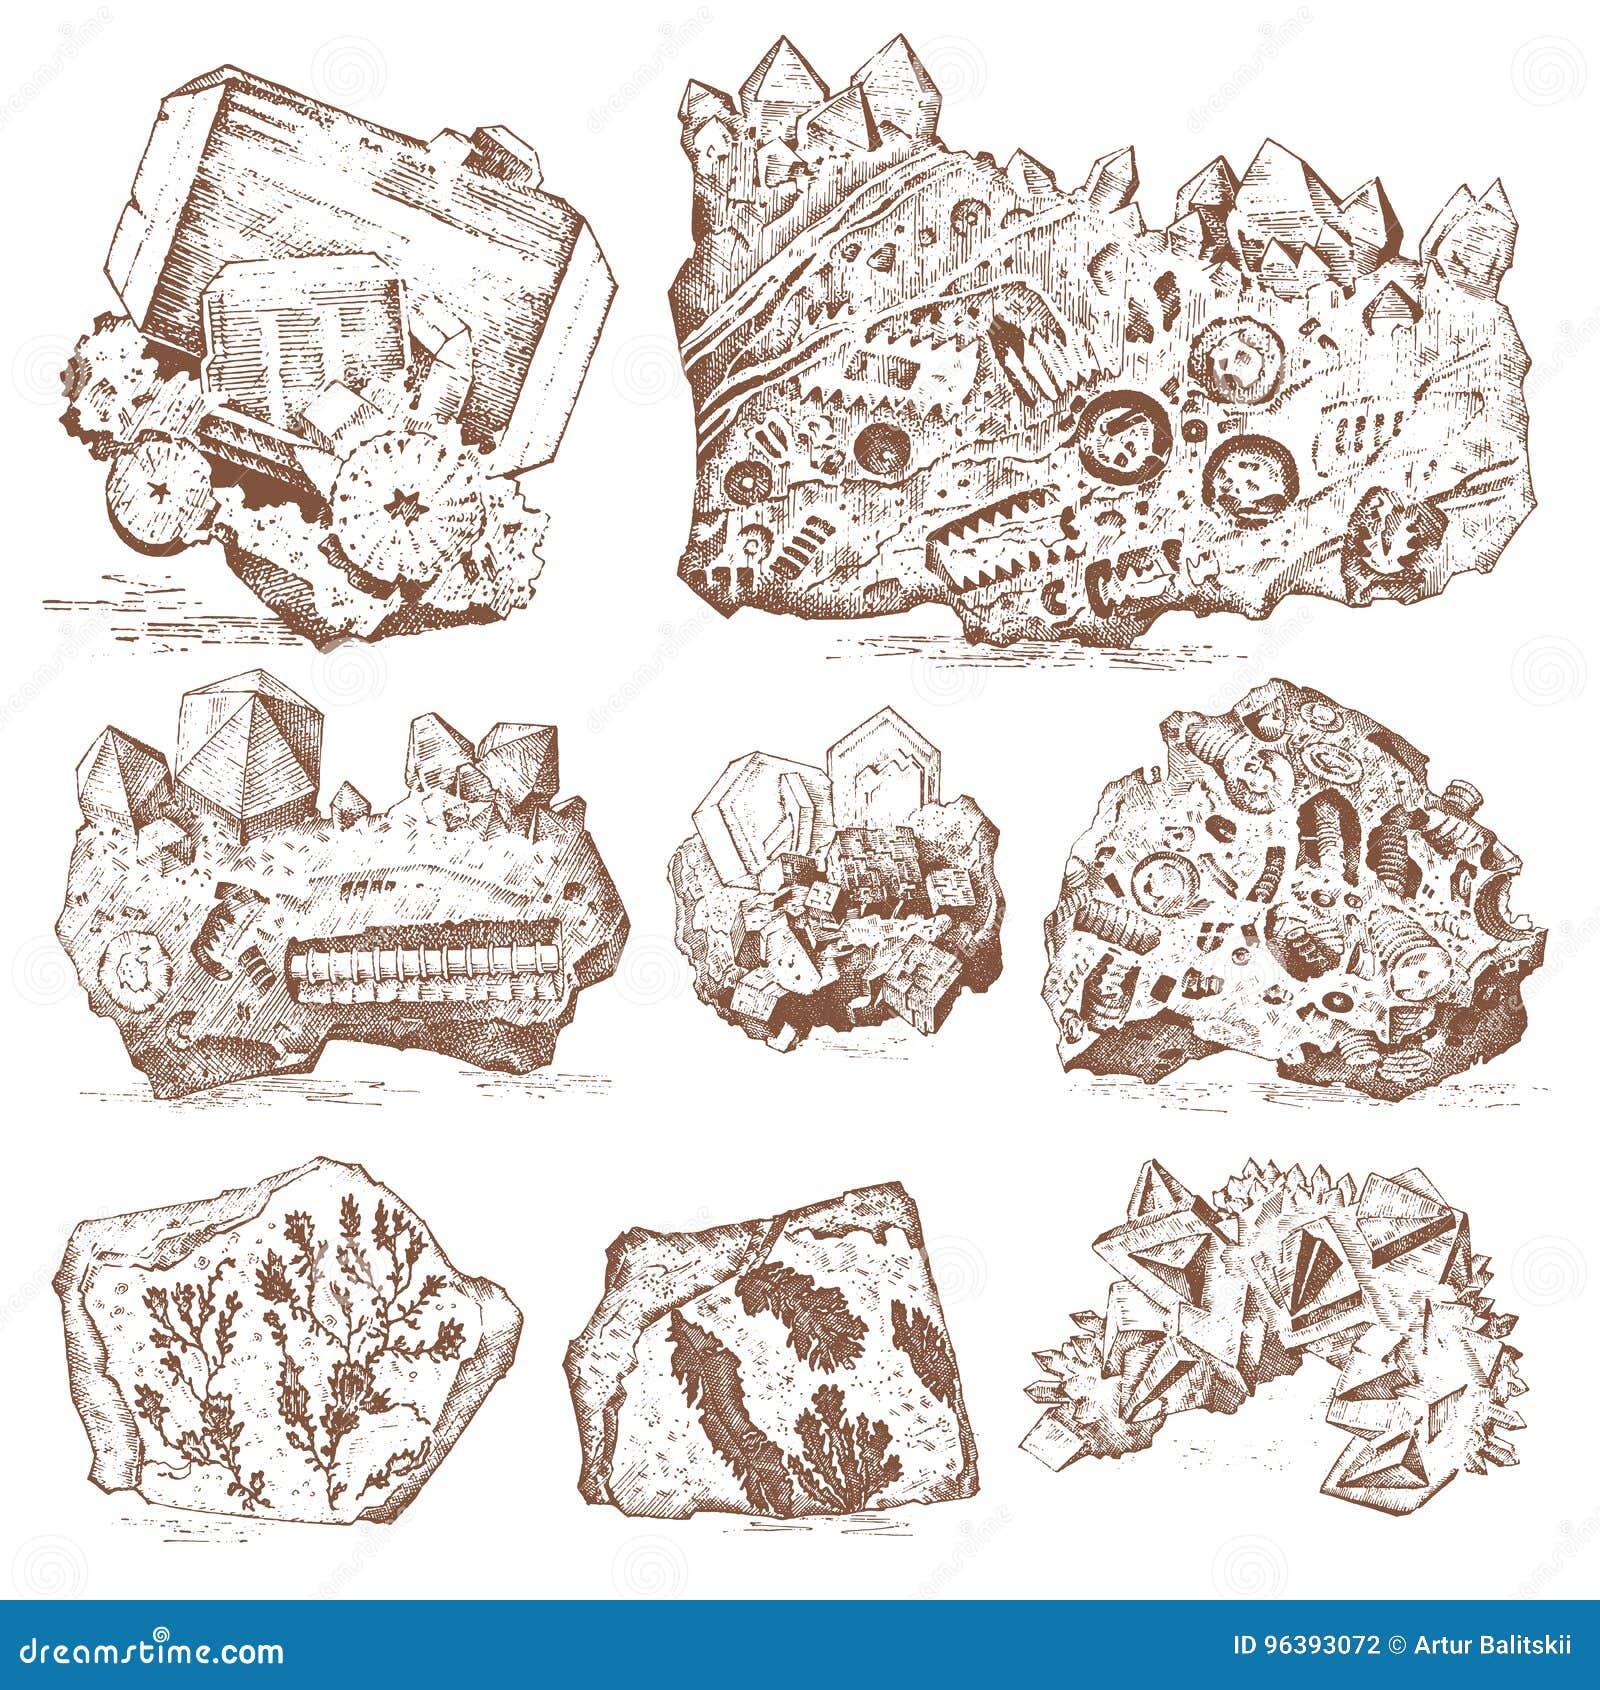 Piante fossilizzate, pietre e minerali, cristalli, animali preistorici, archeologia o paleontologia fossili del frammento